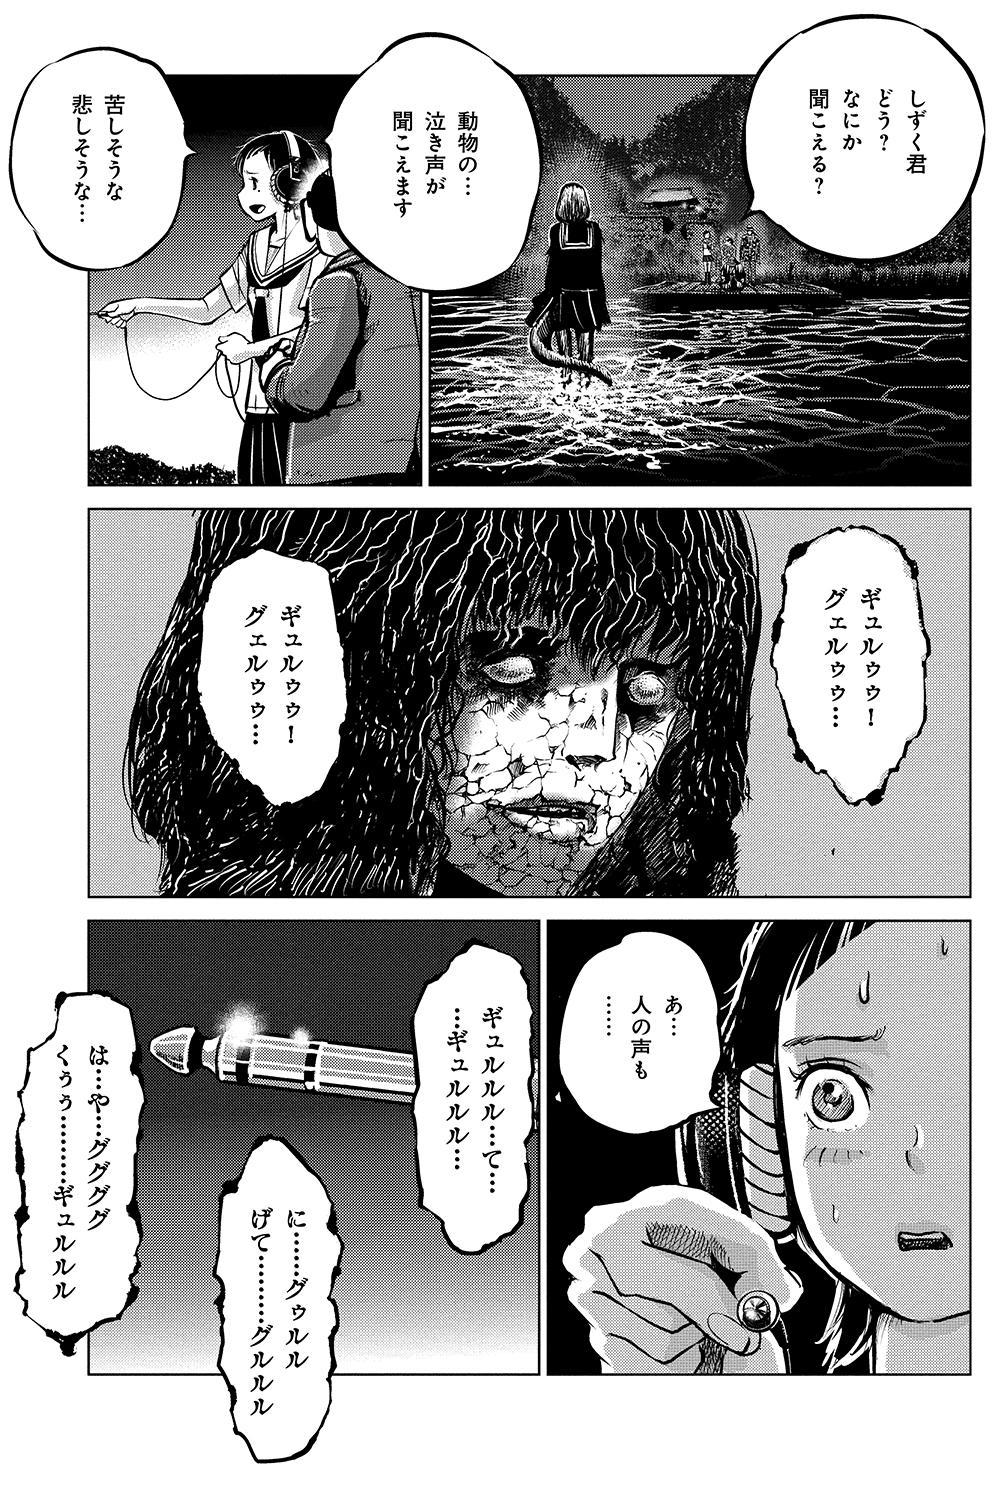 ことなかれ 第3話「革仔玉」②kotonakare01-21.jpg